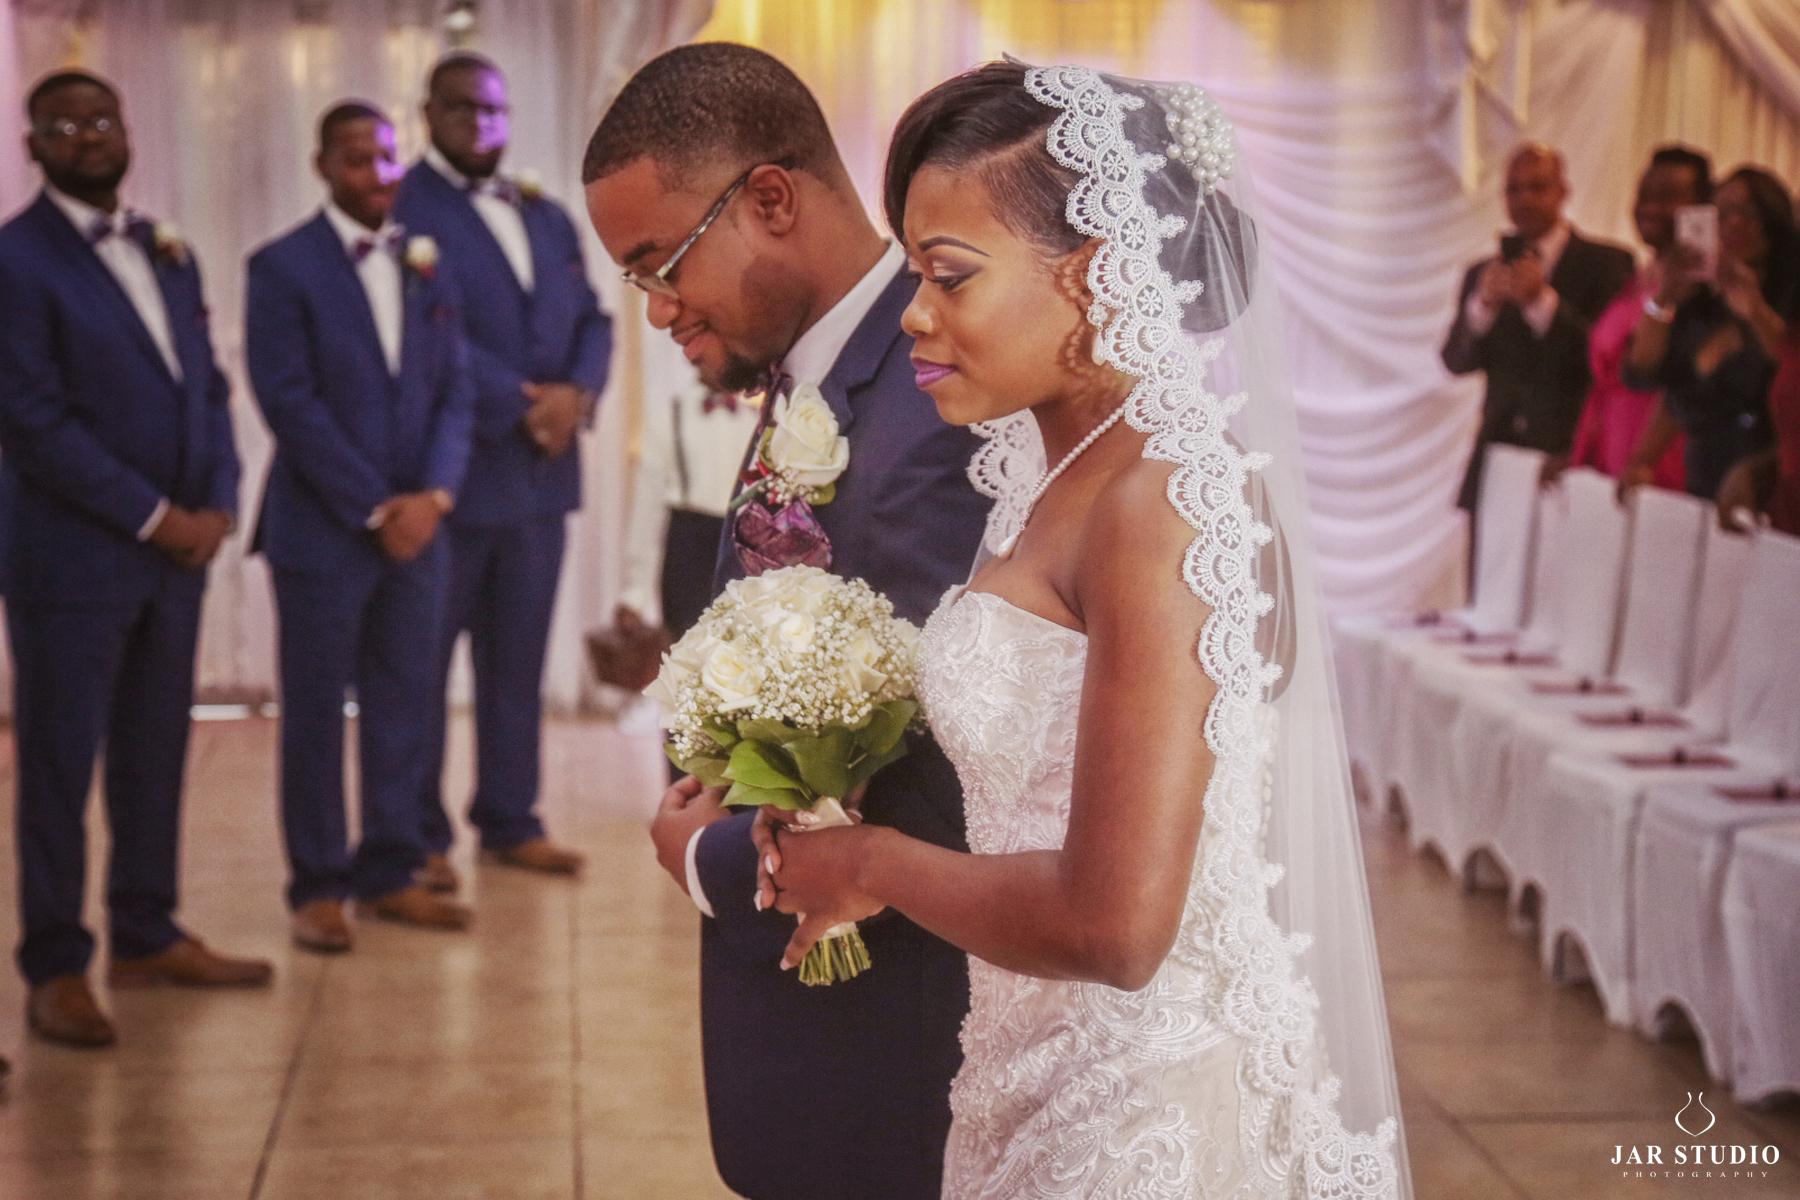 22-jarstudio-wedding-photographer.JPG